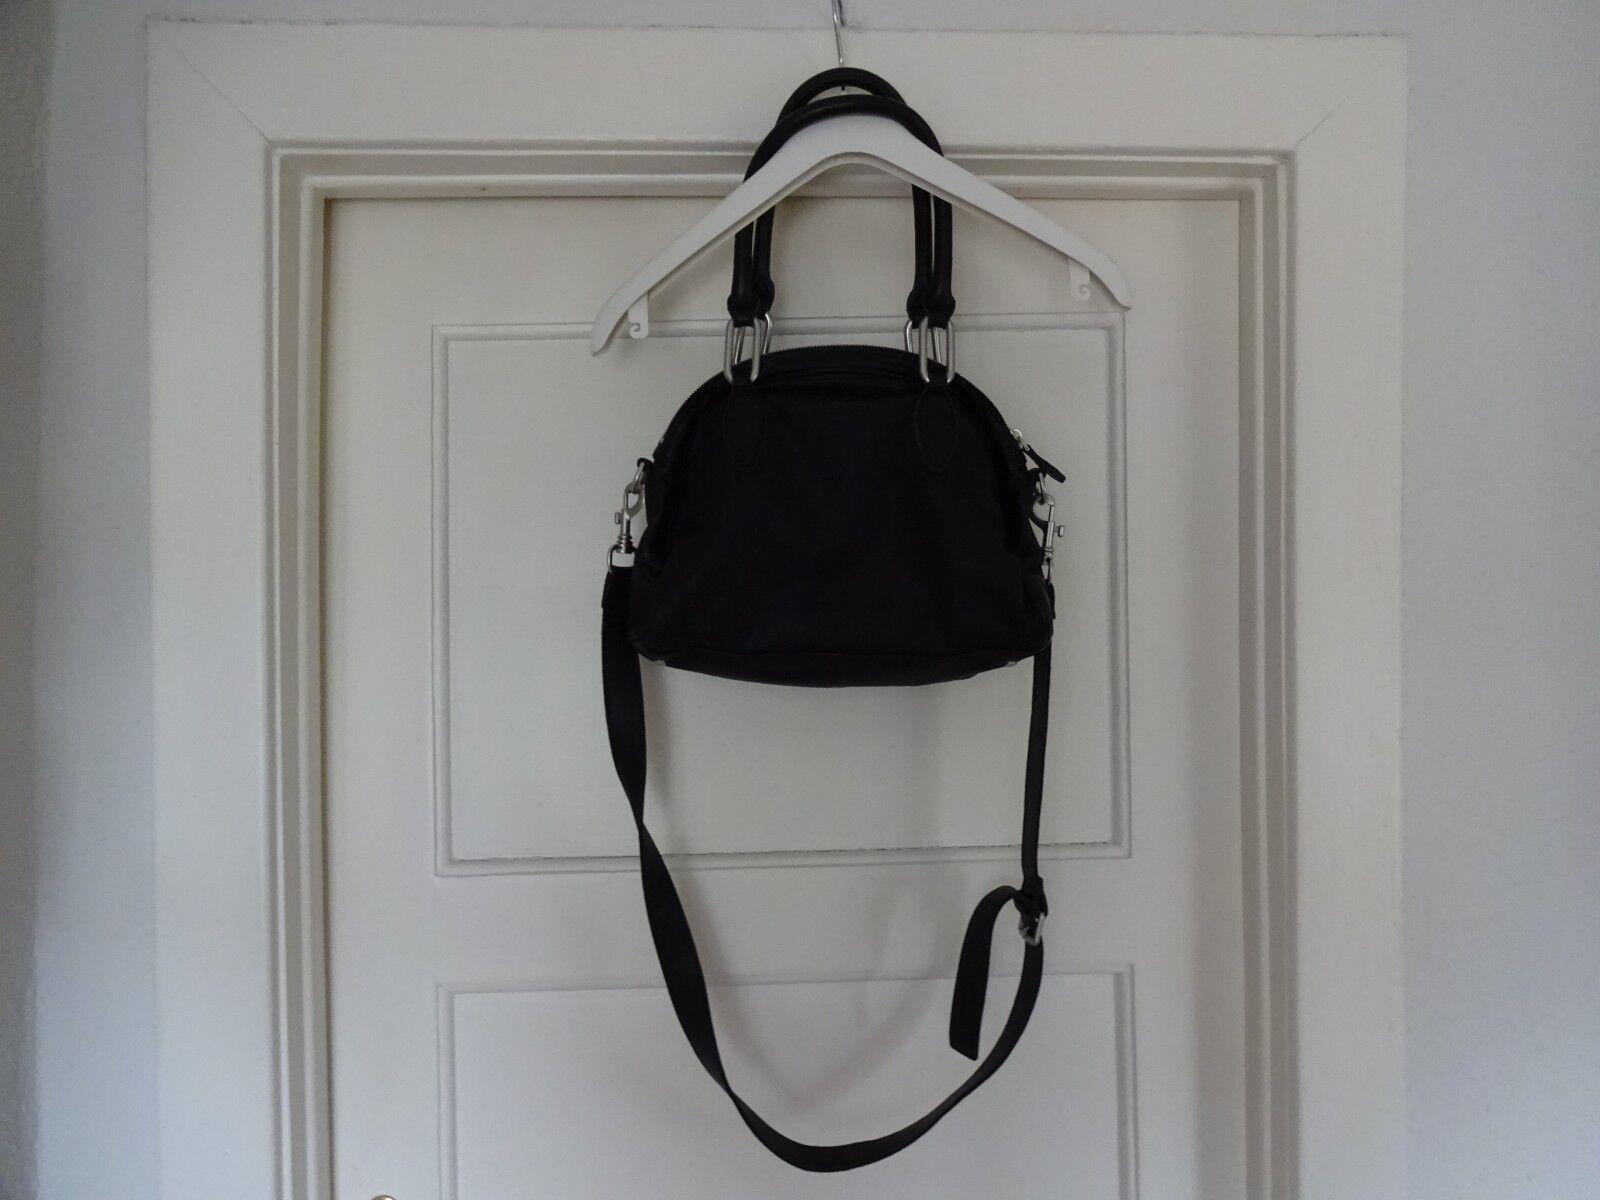 Damen Handtasche Liebeskind Schwarz Echt Leder     | Internationale Wahl  | Speichern  | Bevorzugtes Material  9134f5